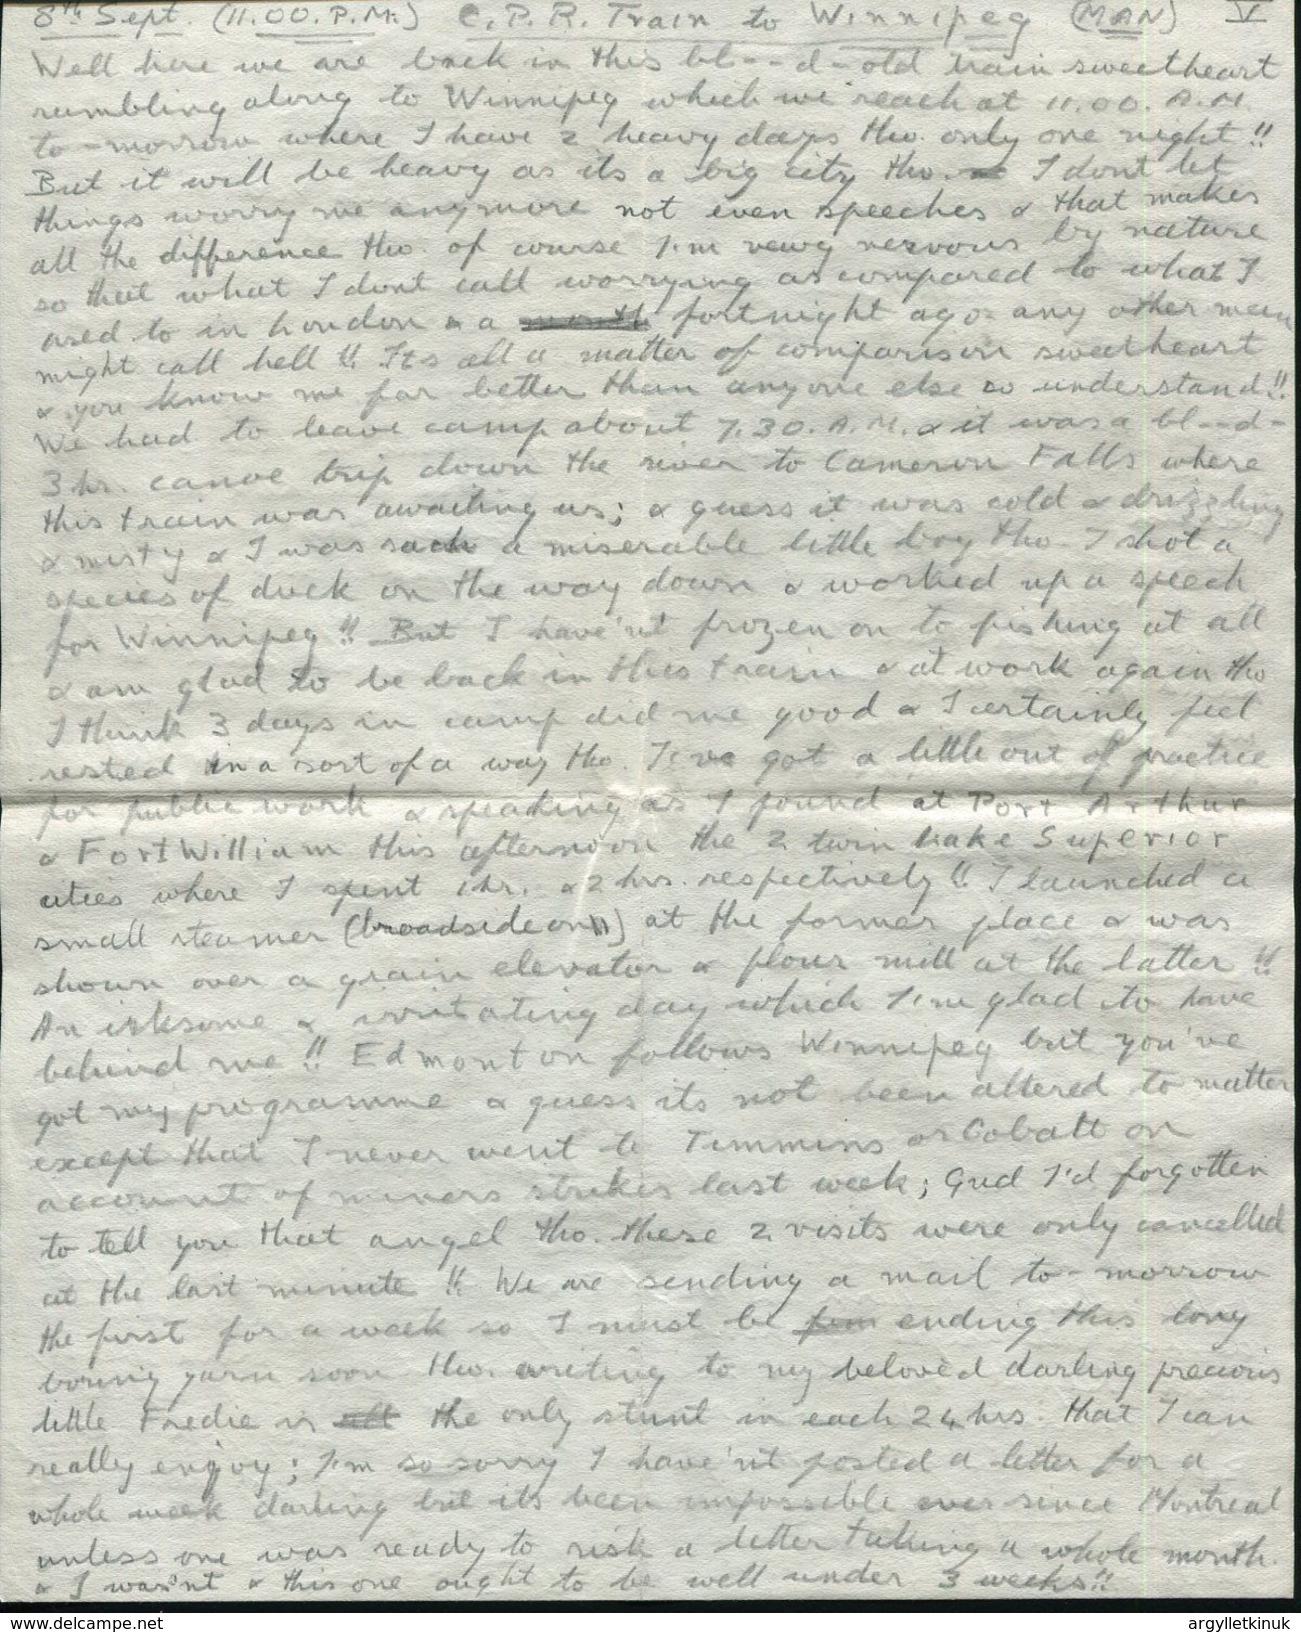 ROYALTY KING EDWARD 8TH CANADA RAILWAY WINNIPEG 1919 GOLF - Historical Documents